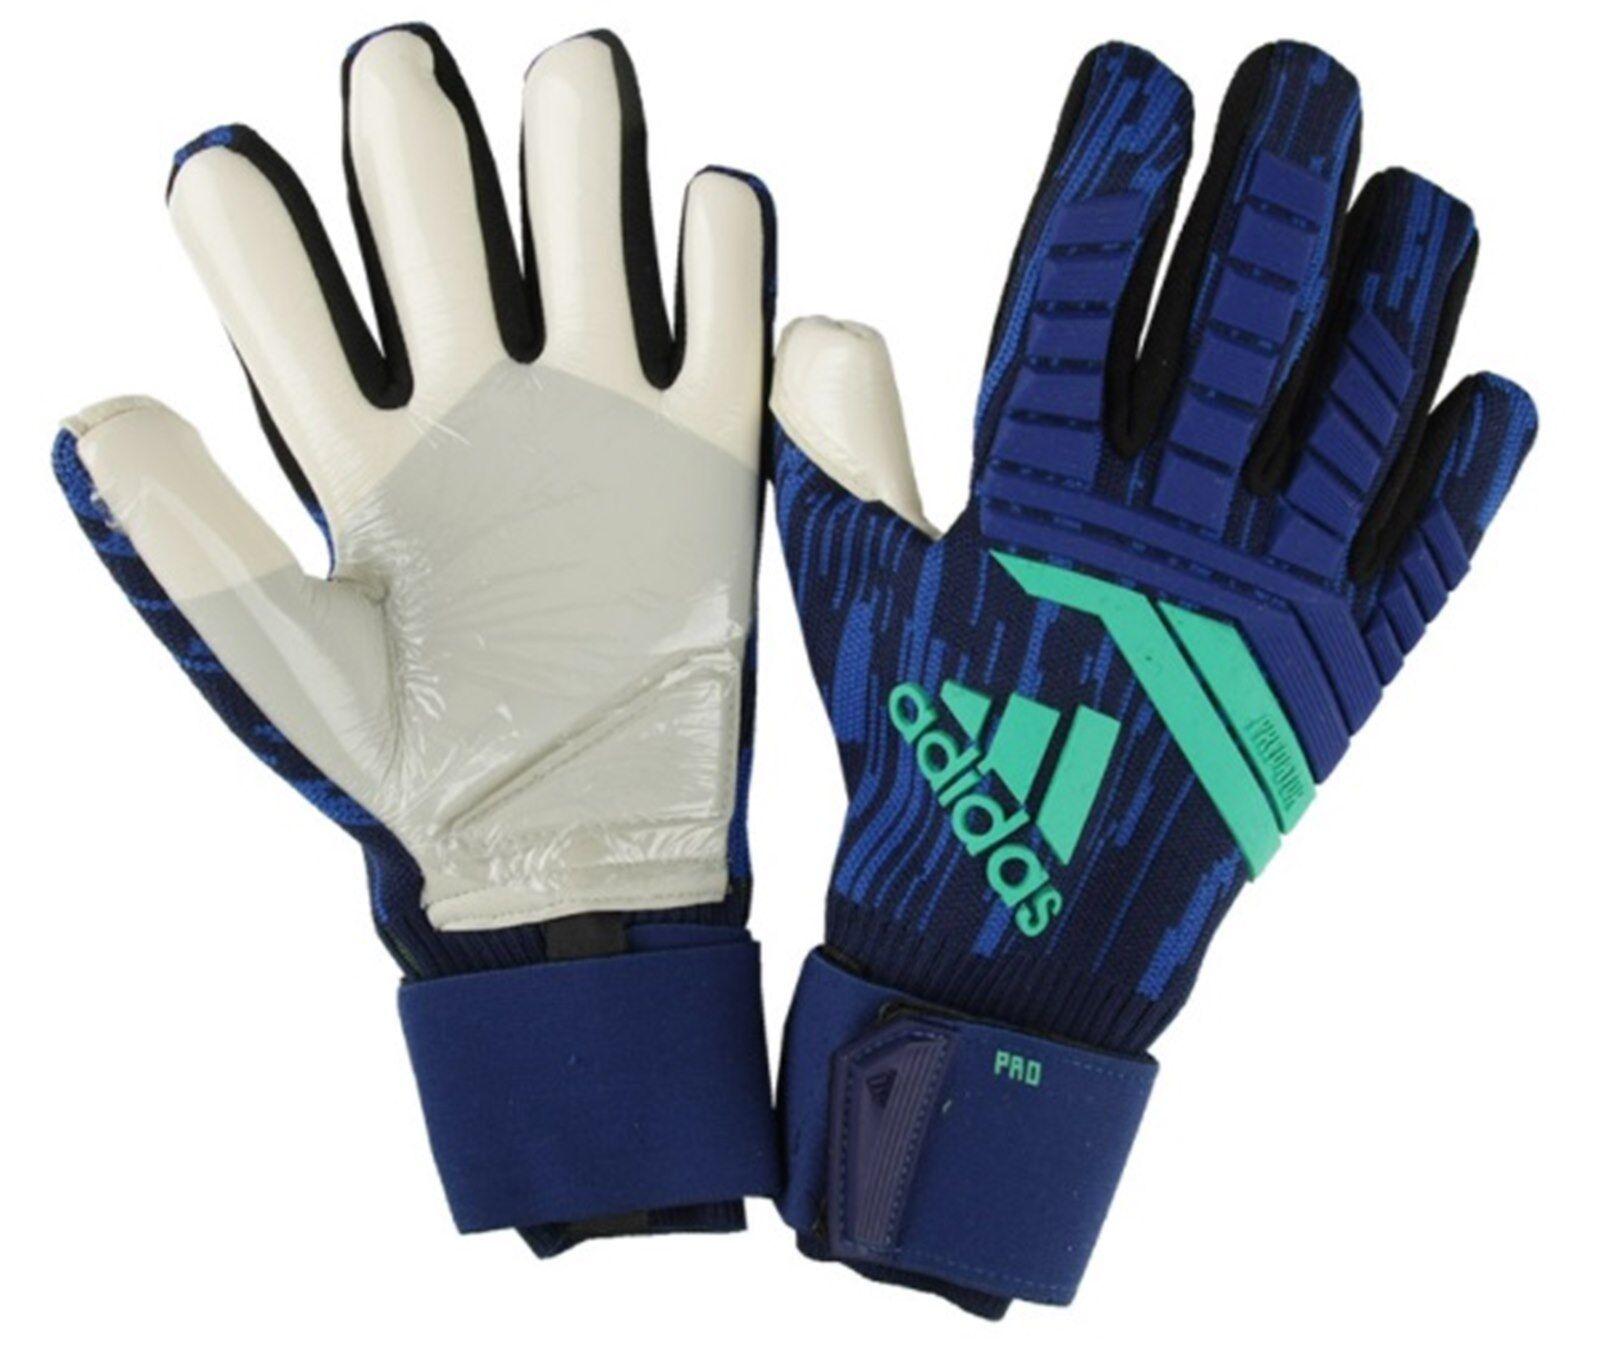 Adidas Hombres Projoator Pro Guantes de Portero GK Azul Marino Fútbol Fútbol Arquero CF1353